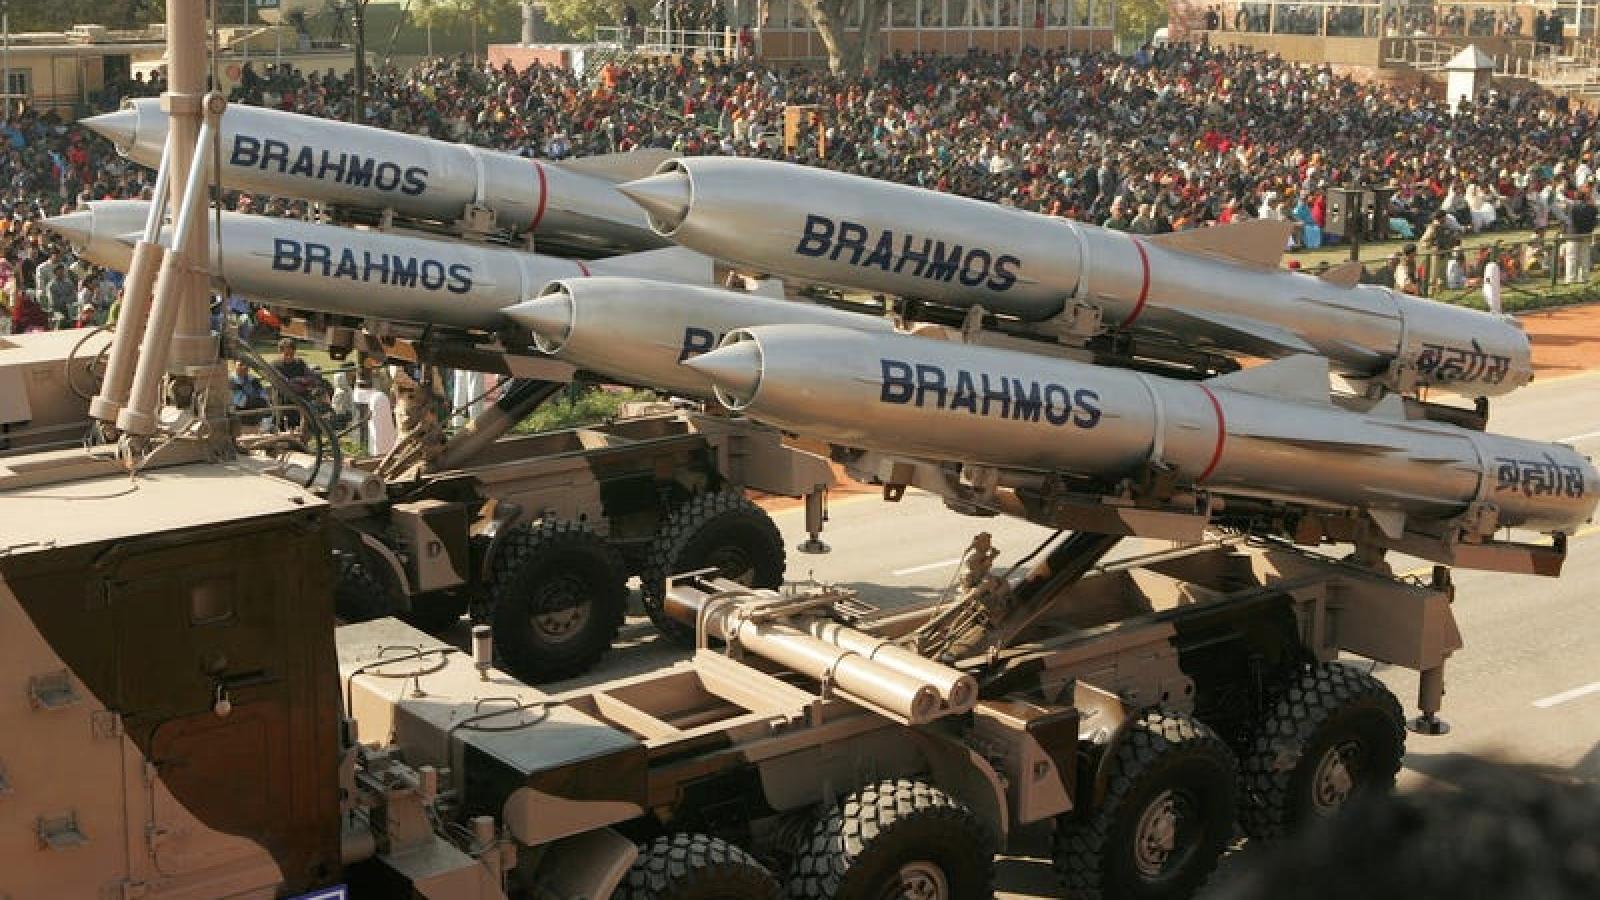 Châu Á đang bước vào cuộc chạy đua tên lửa đầy nguy hiểm